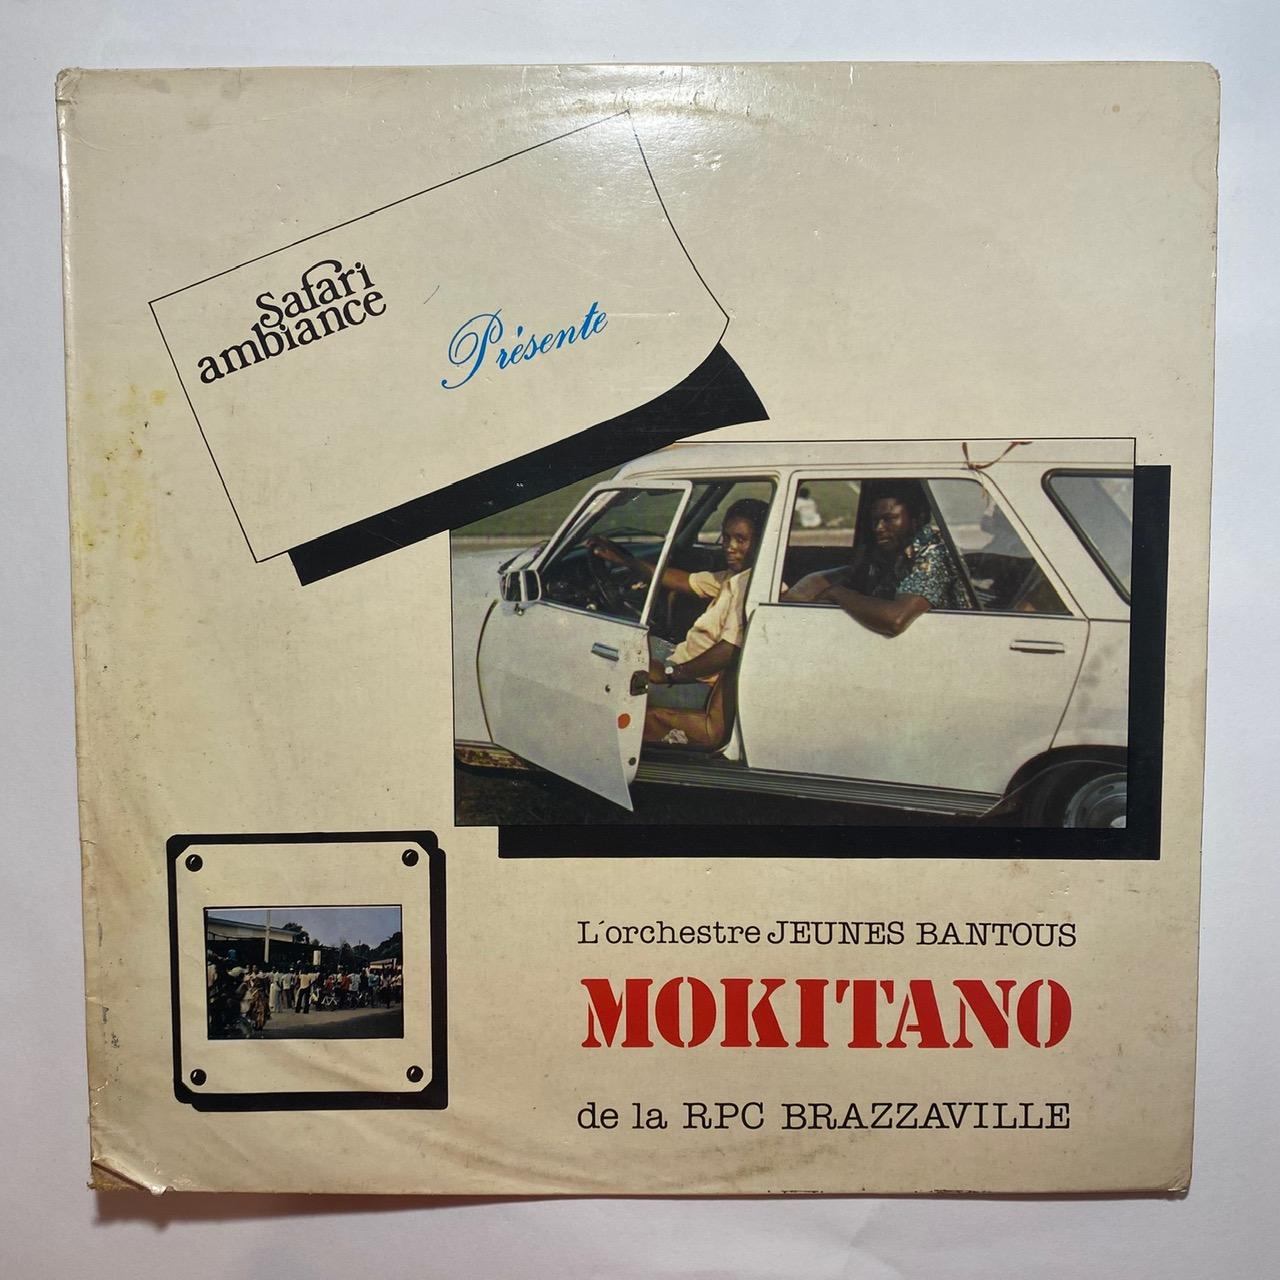 ORCHESTRE JEUNES BANTOUS MOKITANO DE LA RPC BRAZZA - Special 80 - LP